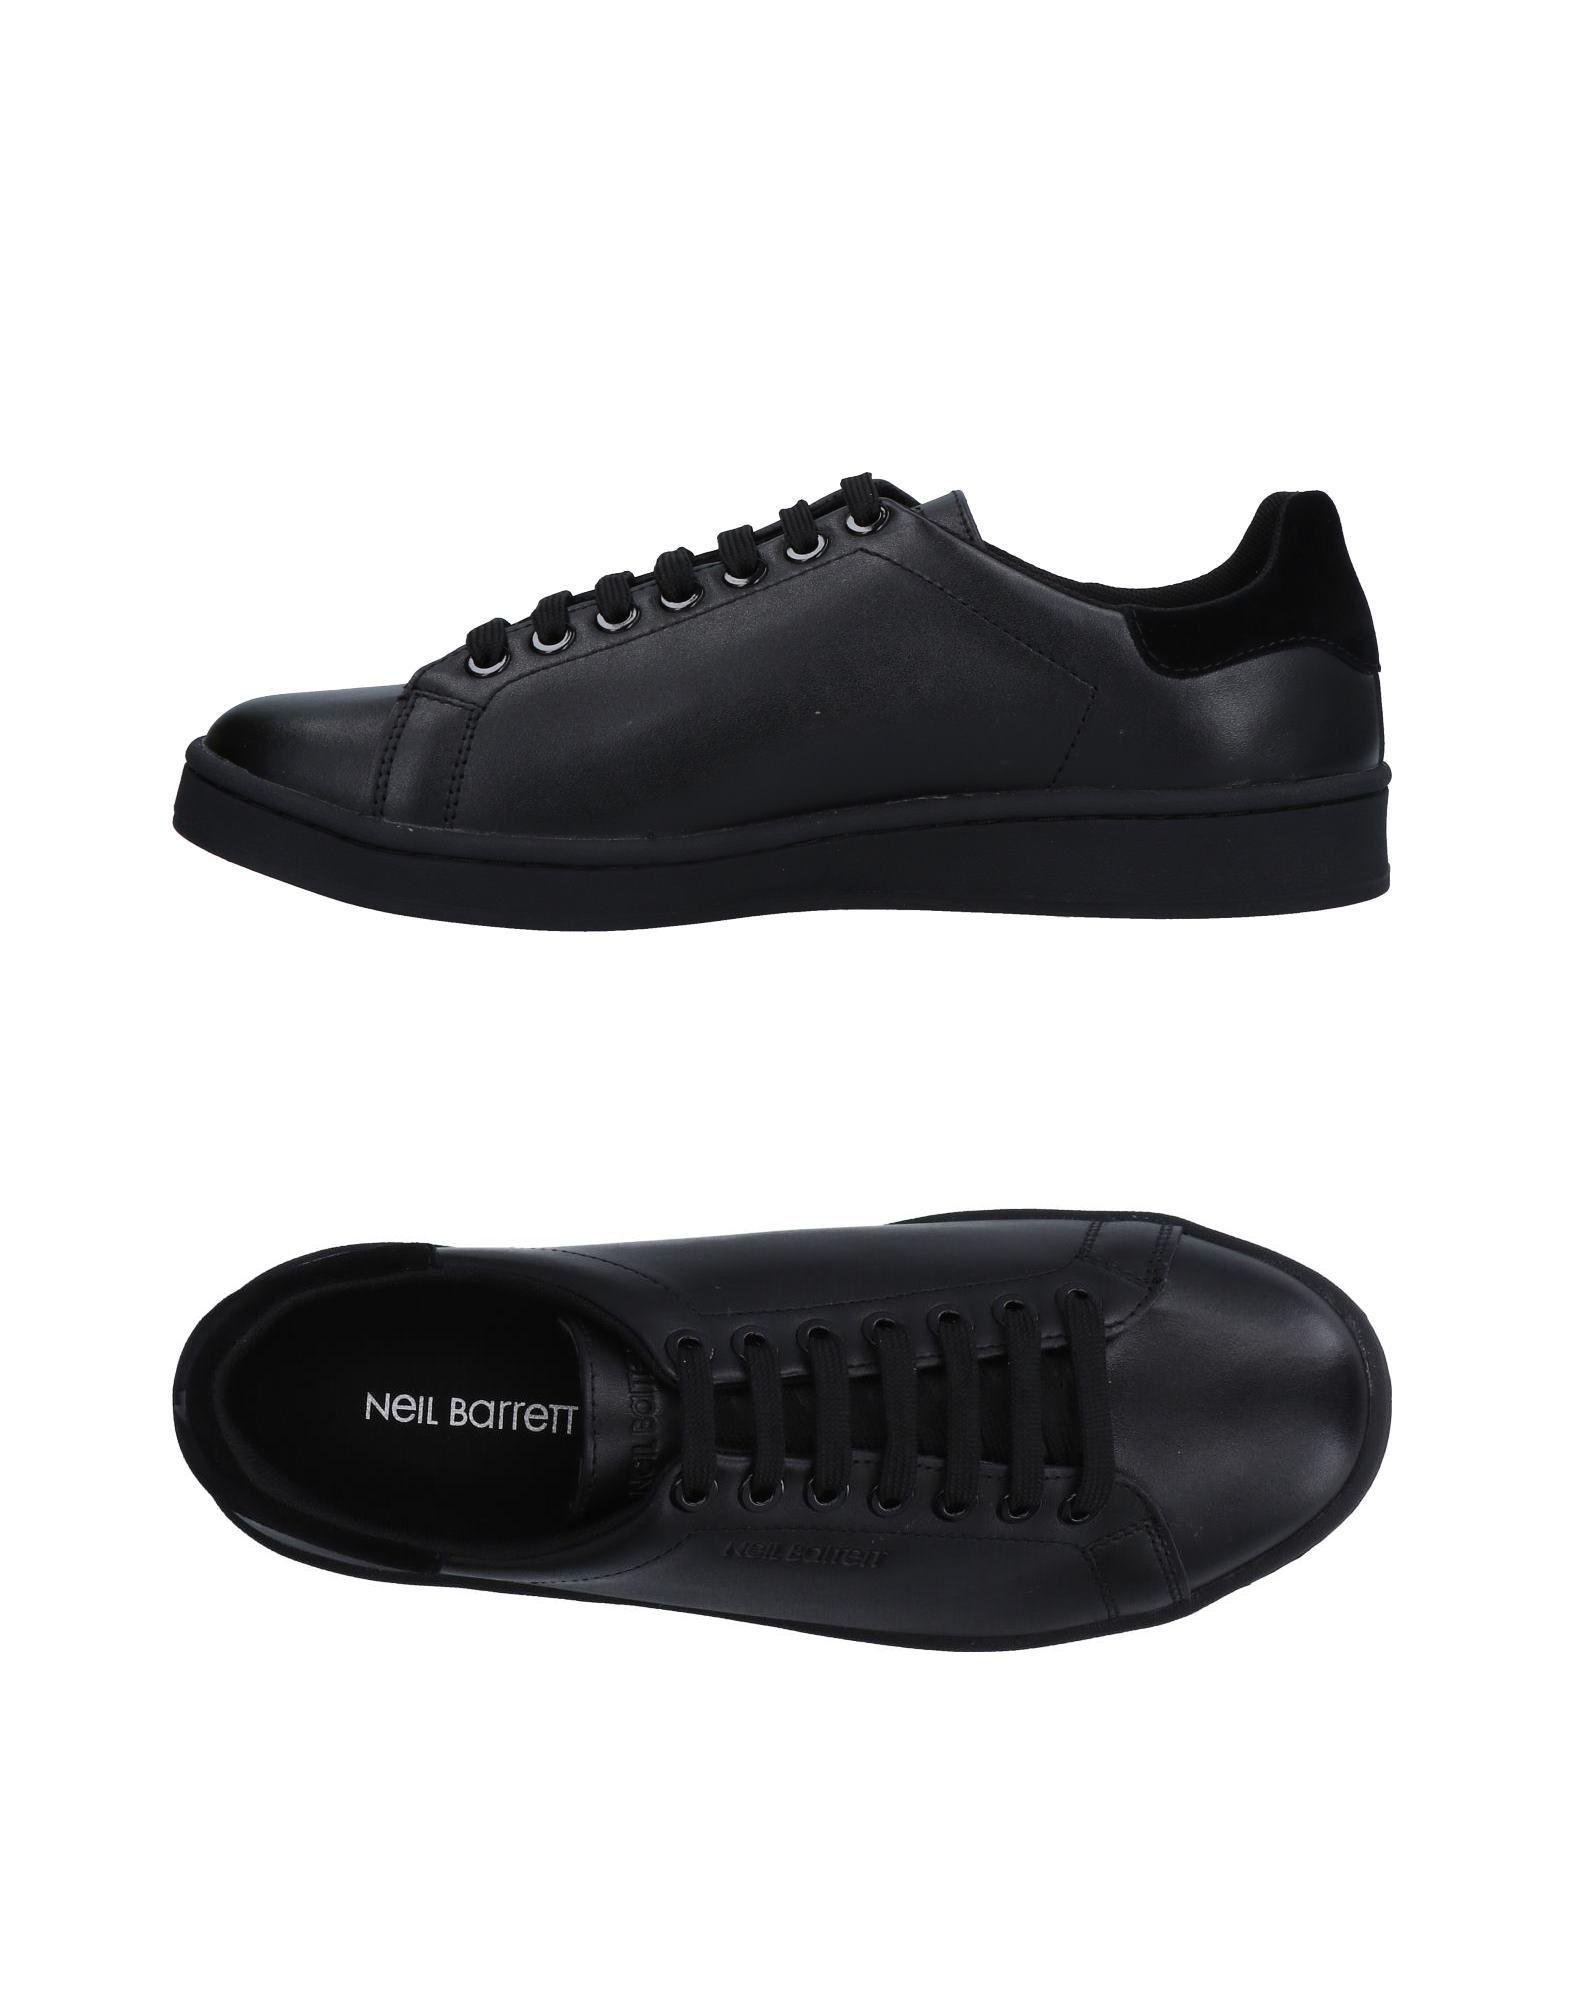 Neil Barrett Sneakers Herren  11522415UN Gute Qualität beliebte Schuhe